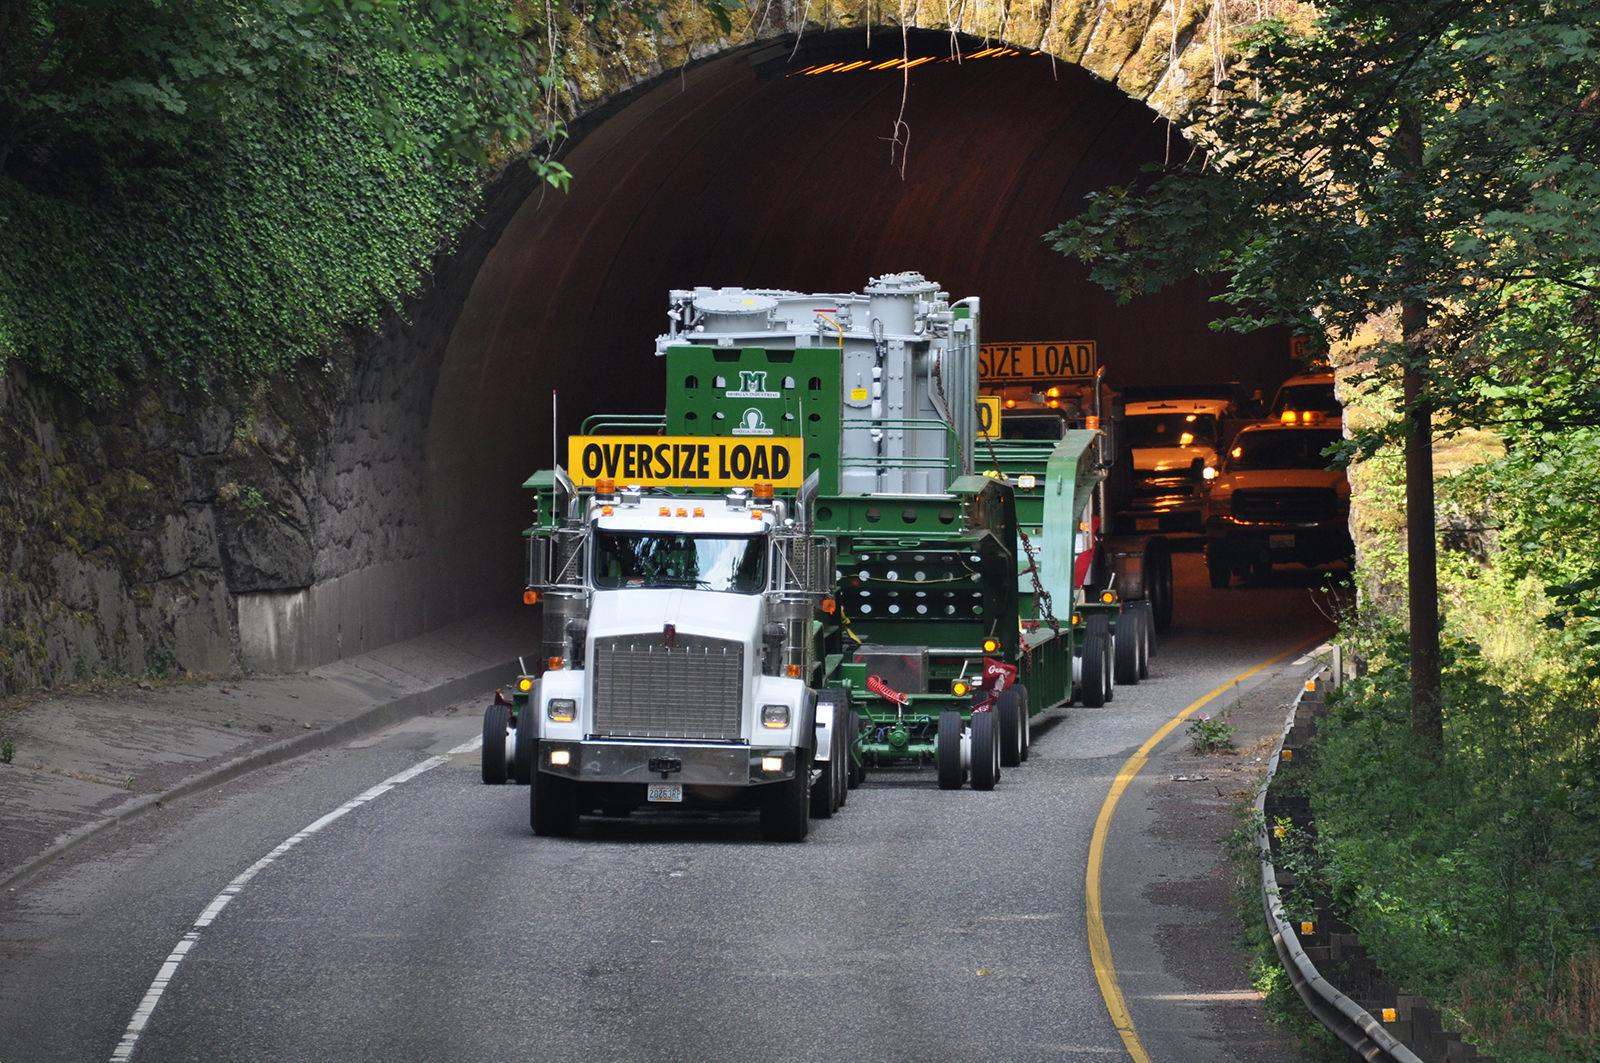 Transporting 210,000lb transformer utilizing dual lane trailer